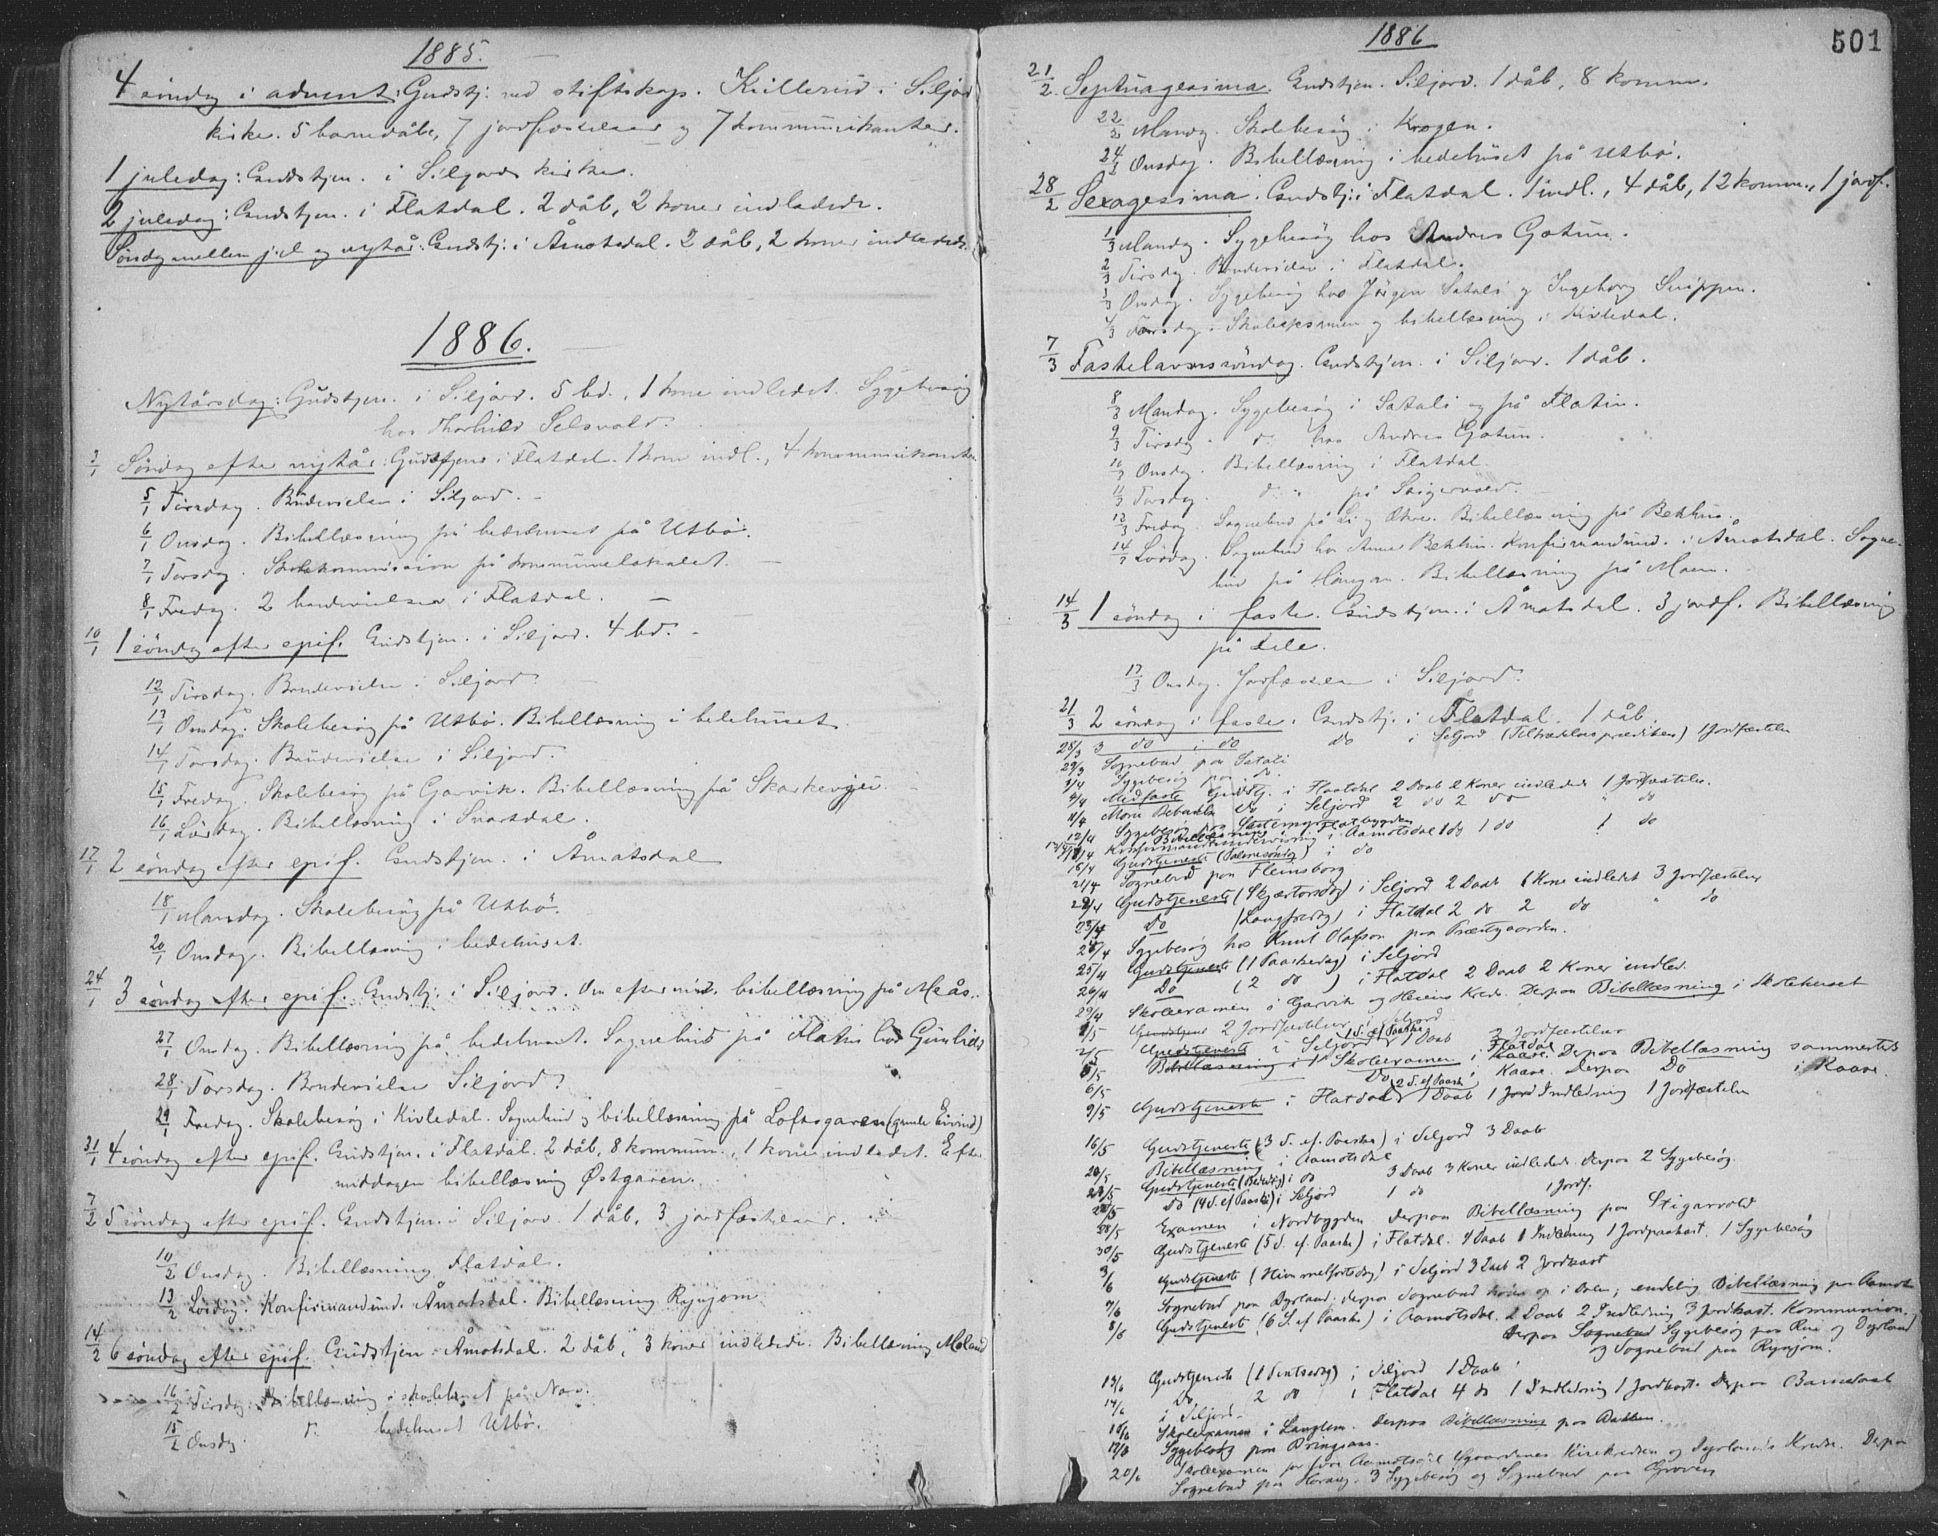 SAKO, Seljord kirkebøker, F/Fa/L0014: Ministerialbok nr. I 14, 1877-1886, s. 501